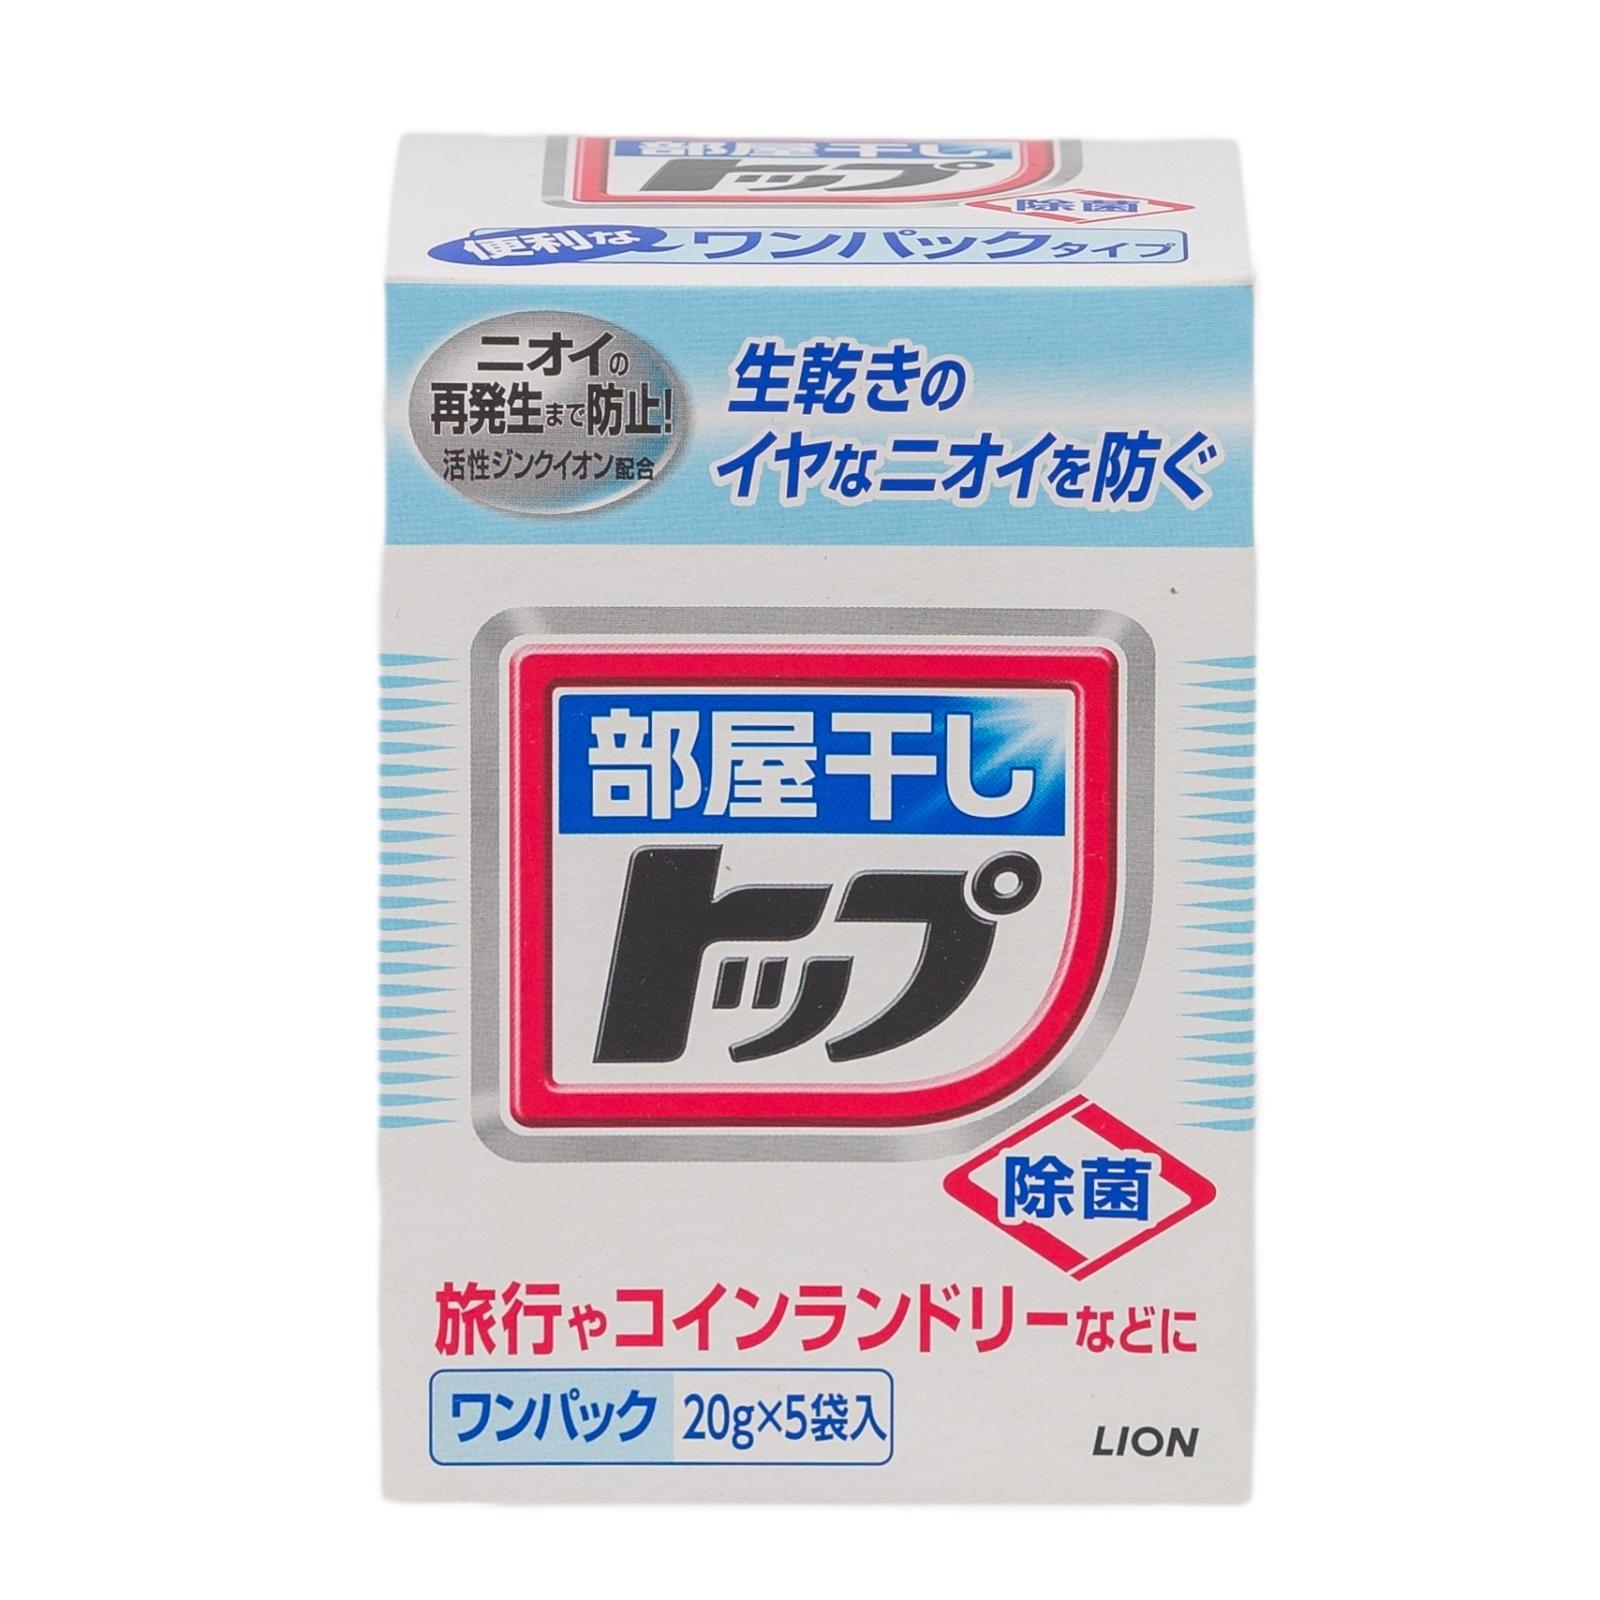 Стиральный порошок Lion ТОР 20 гр.*5 Сушка в помещении (мягкая упаковка)<br>